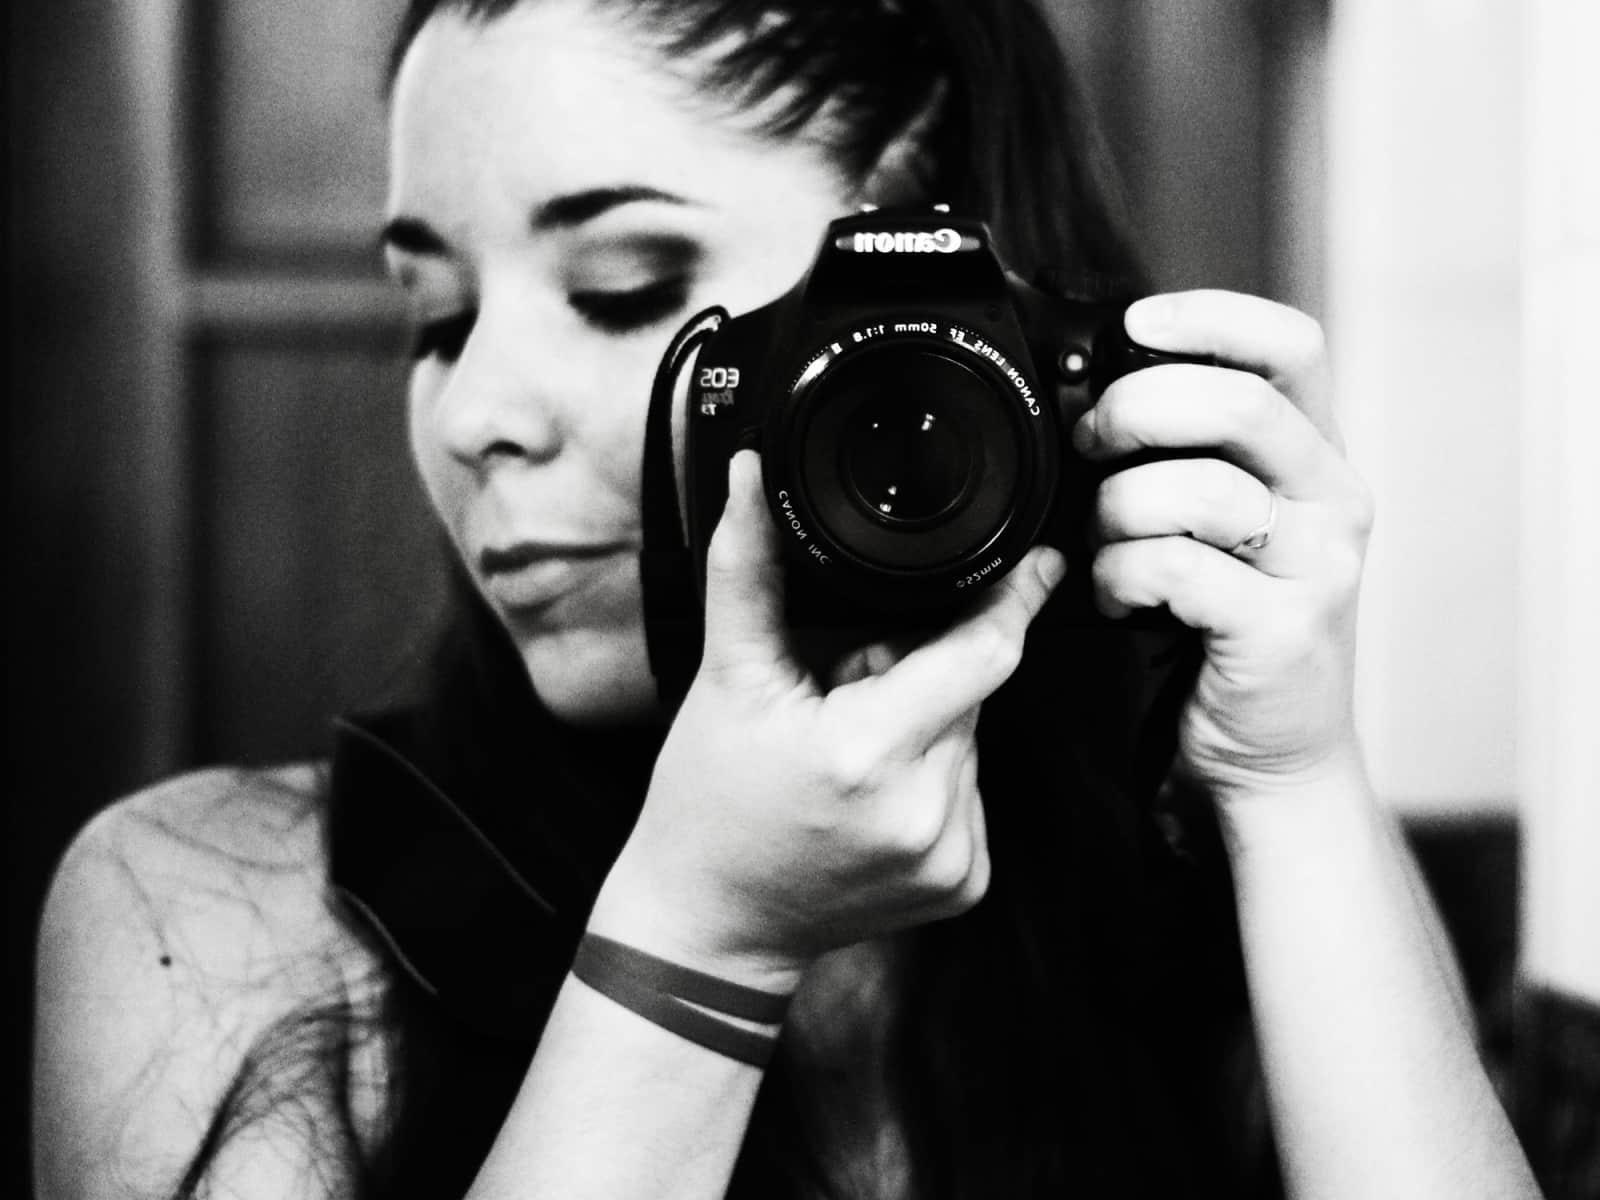 Andrea from Mendoza, Argentina